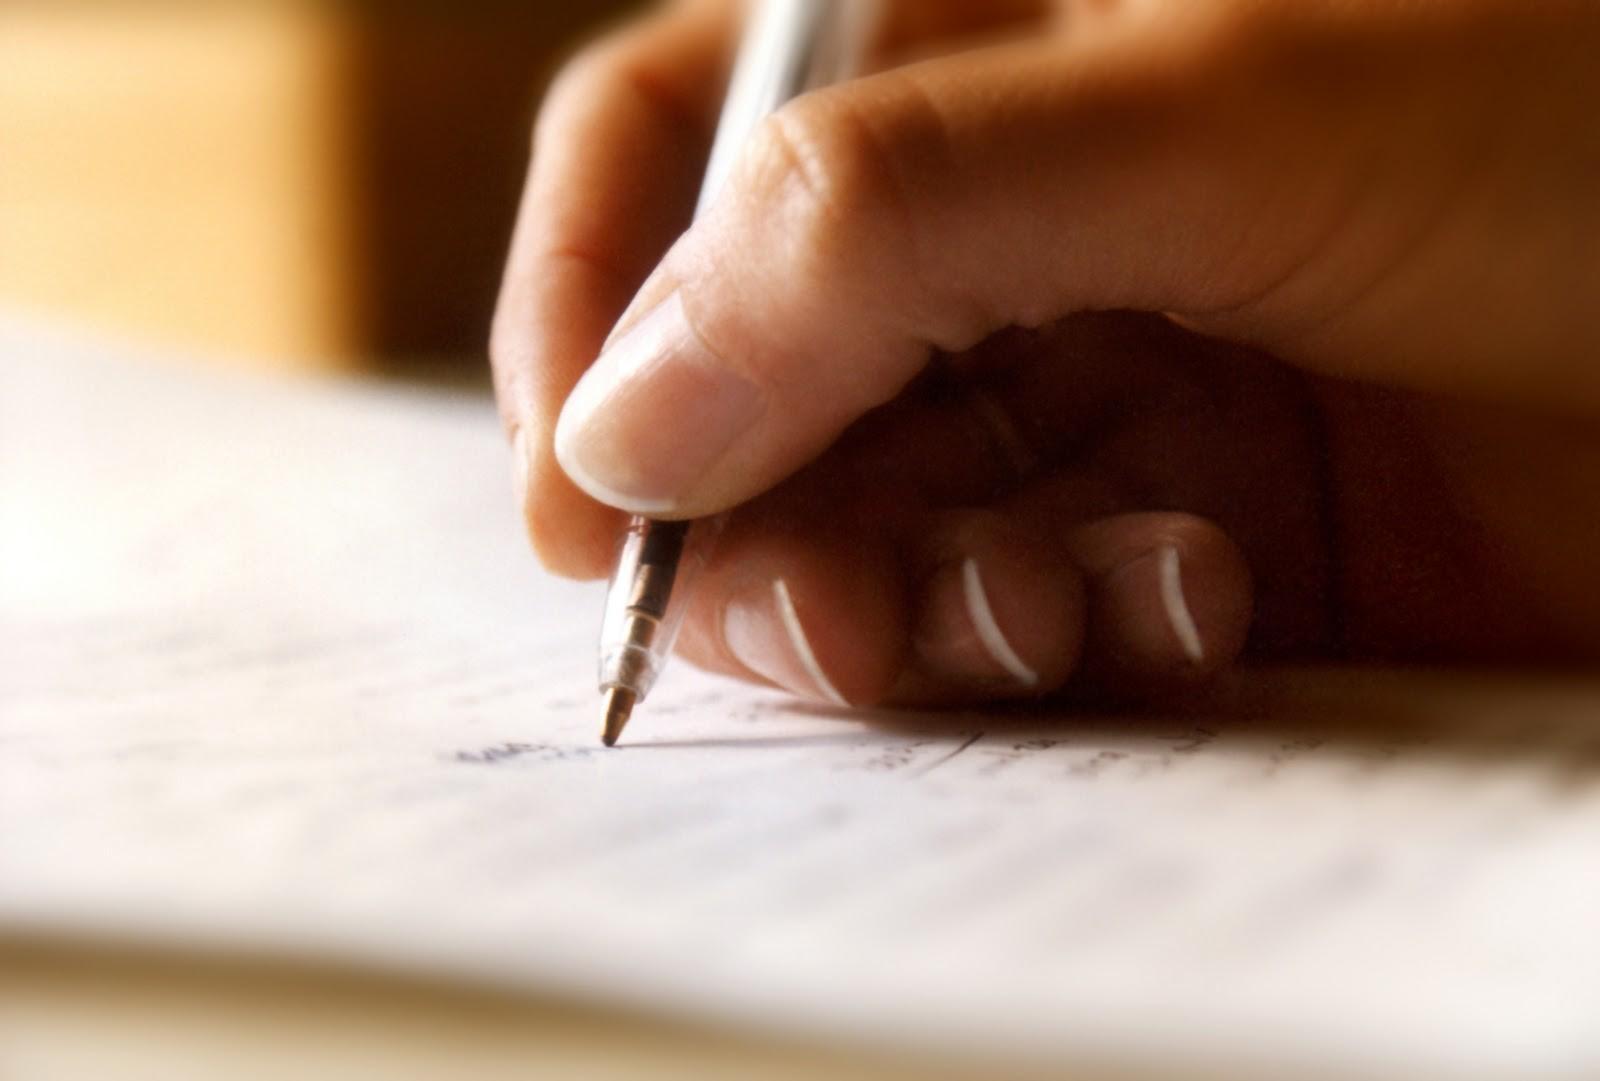 Si scrive 'valigie' o 'valige'? Dubbi e regole del plurale